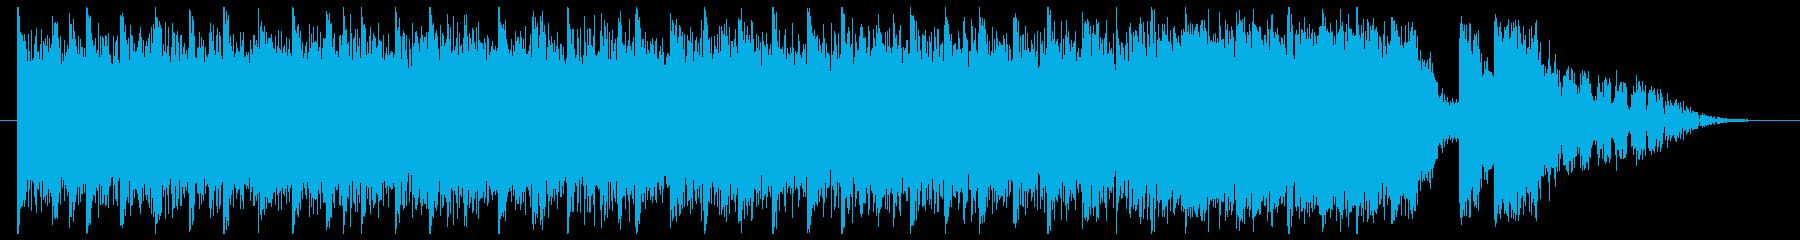 未来的で攻撃的なトラック-15秒の再生済みの波形